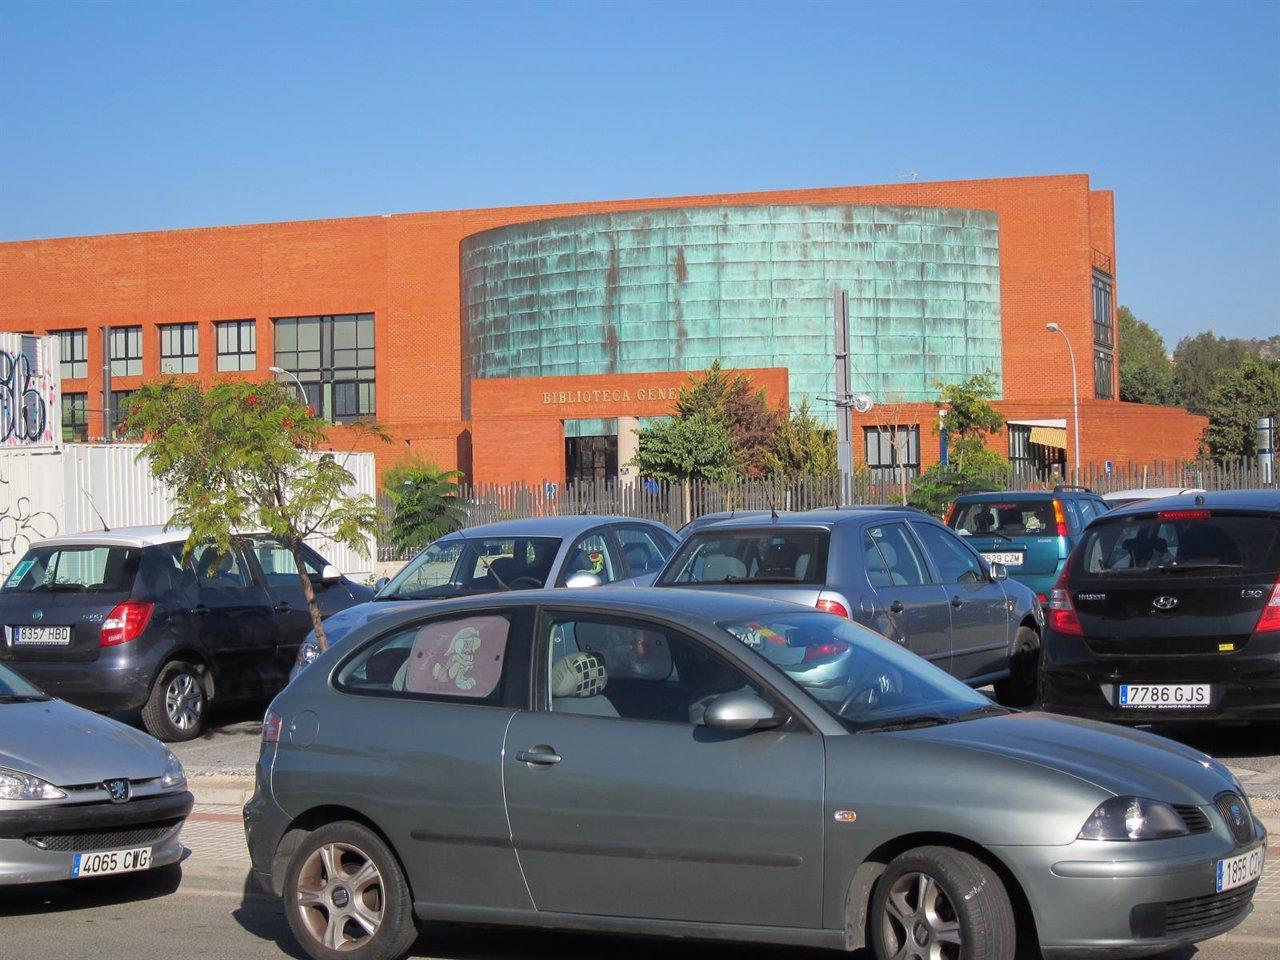 UMA, Universidad, Facultad, biblioteca general, Aparcamiento,